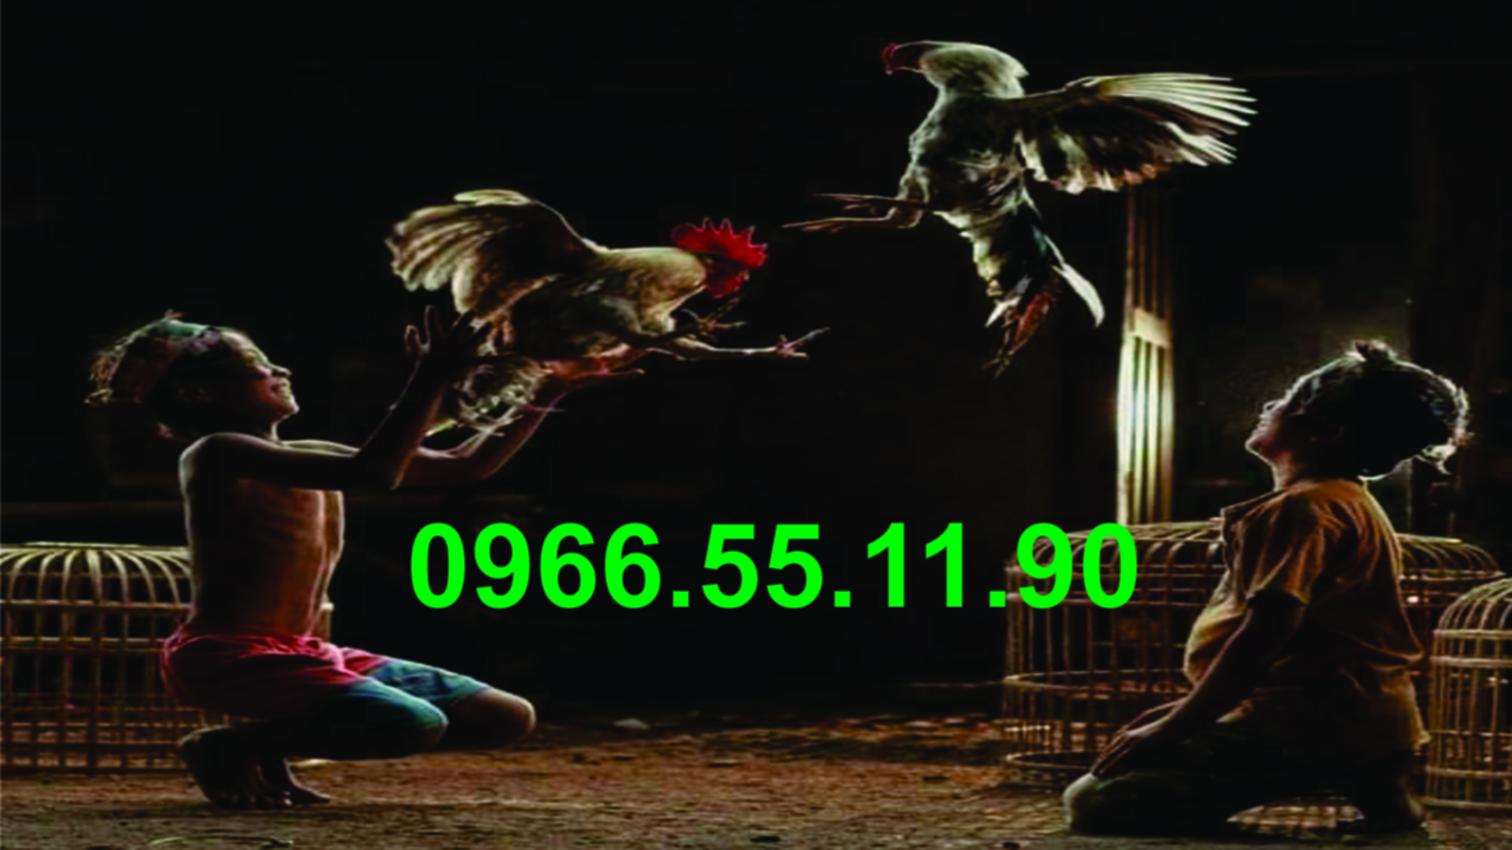 lên 3 Gà Lông Làm Nọc - A/e LH : 0966.55.11.90